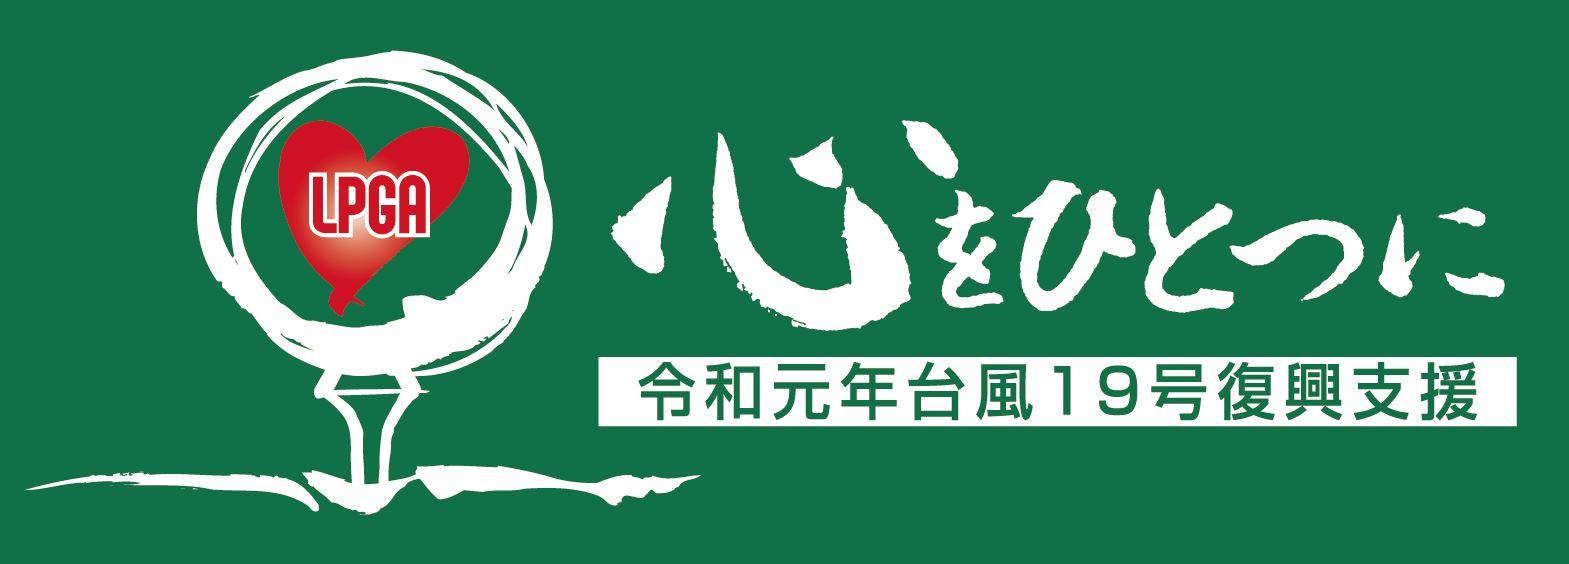 令和元年台風19号についての情報はこちら